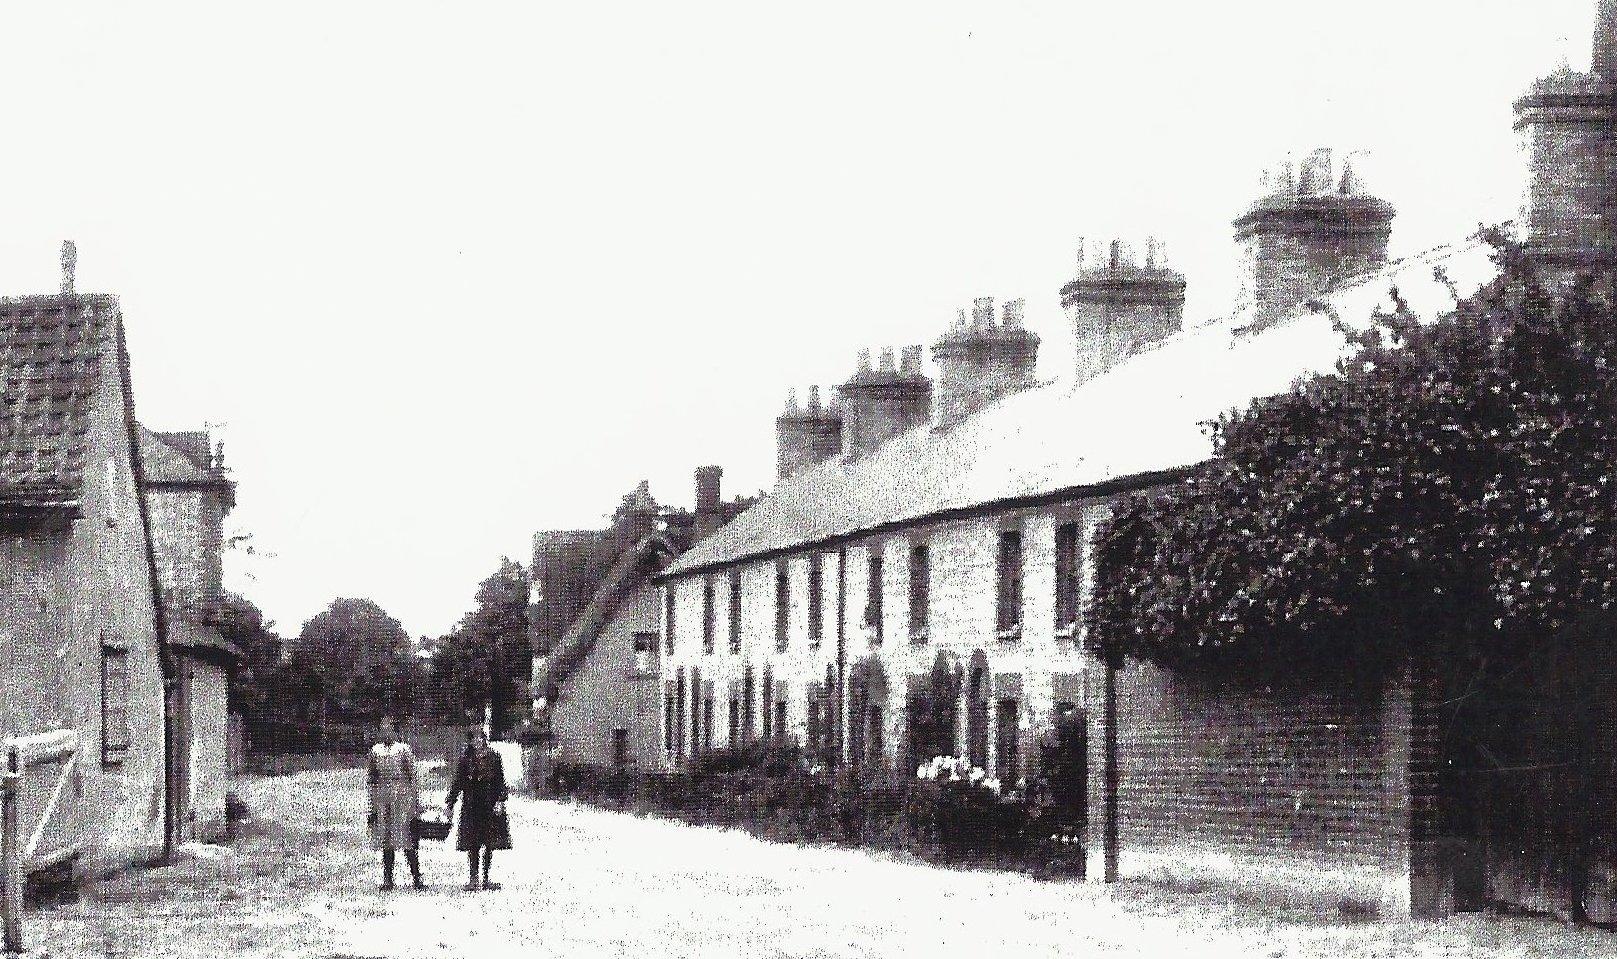 Avenell Terrace Then